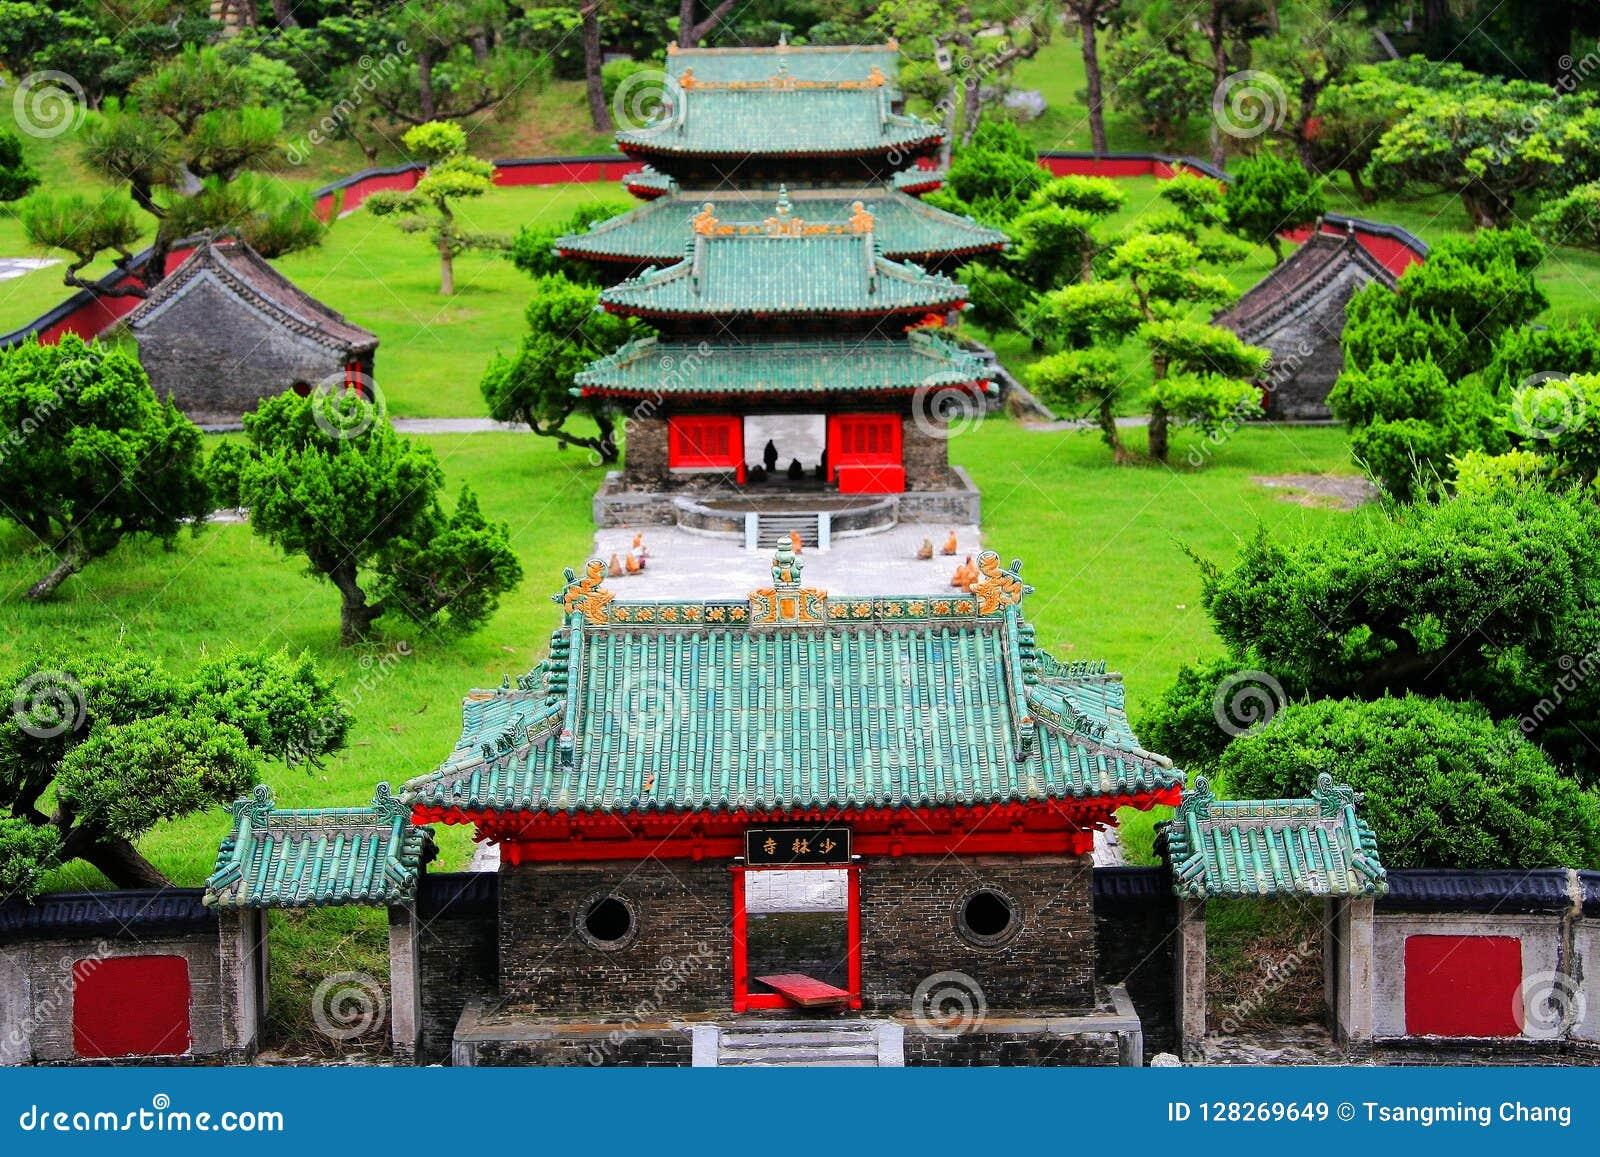 Camera di lusso antica cinese nel parco a tema cinese splendido della cultura